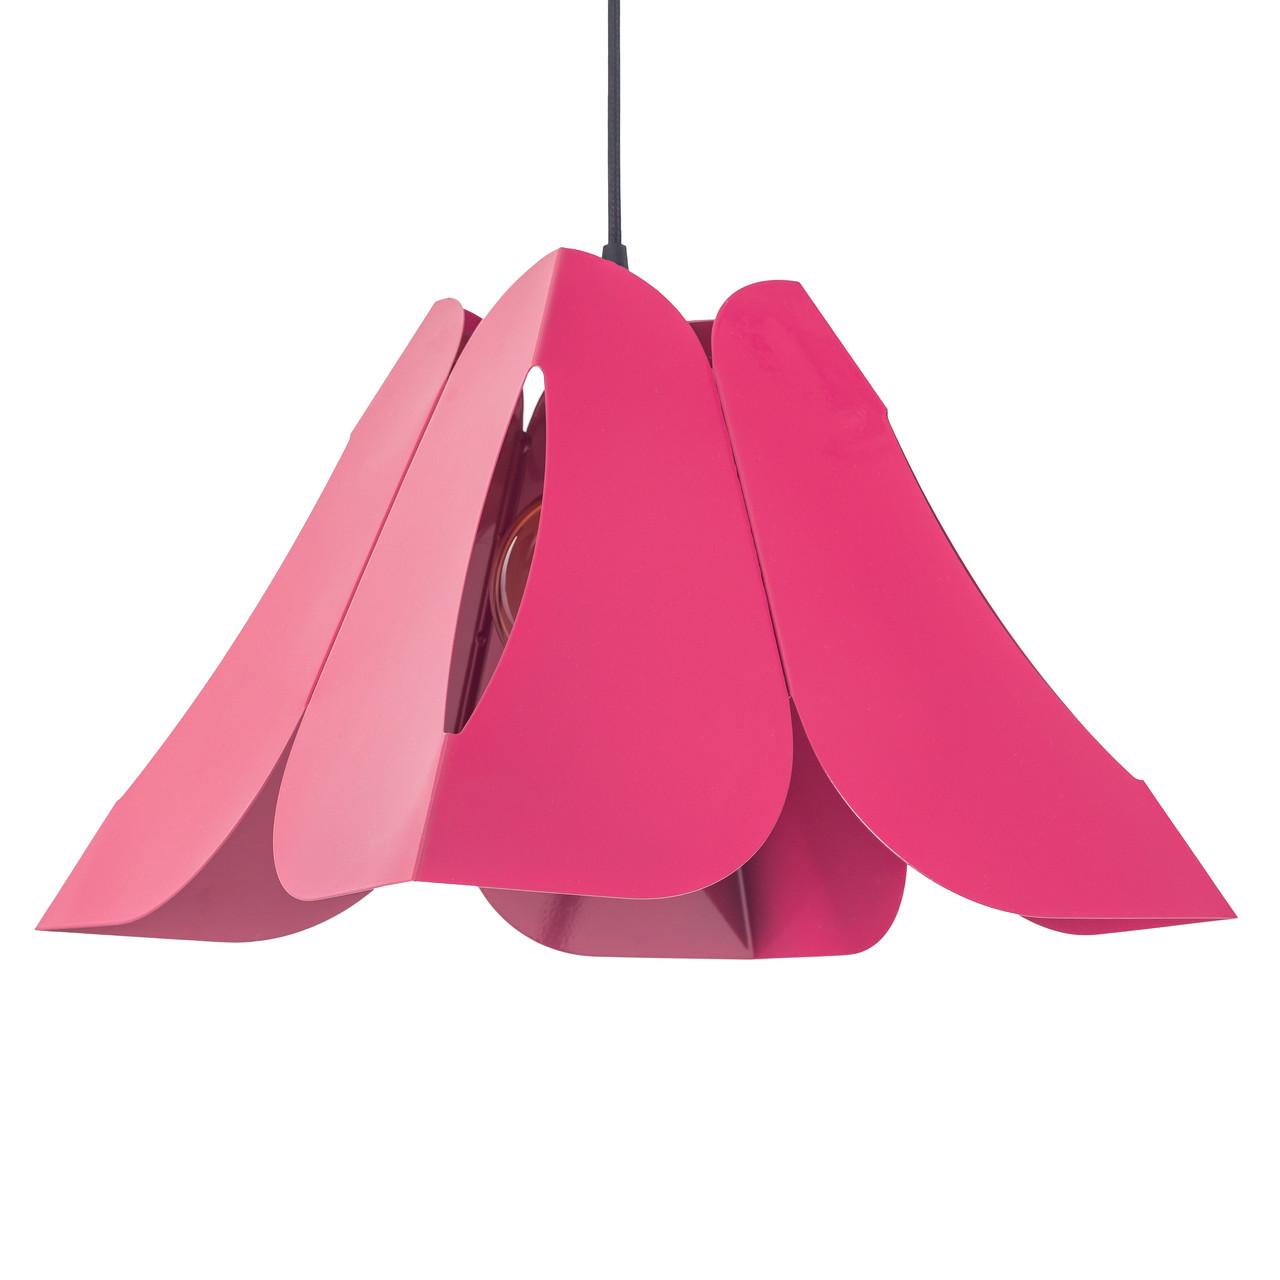 Потолочный подвесной светильник Atma Light серии Fleur P350 Magenta